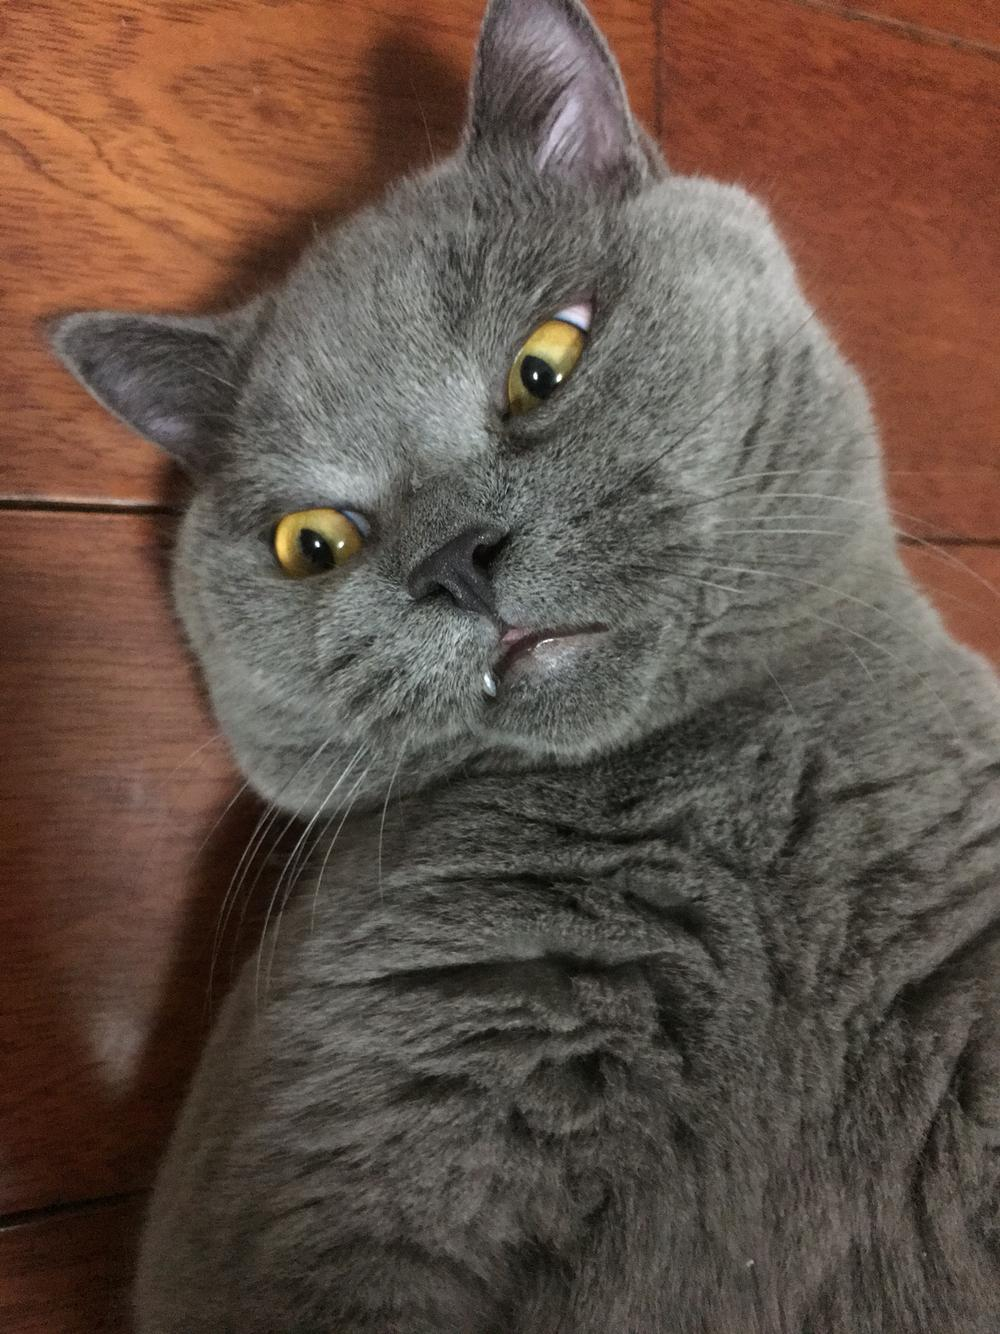 壁纸 动物 猫 猫咪 小猫 桌面 1000_1334 竖版 竖屏 手机